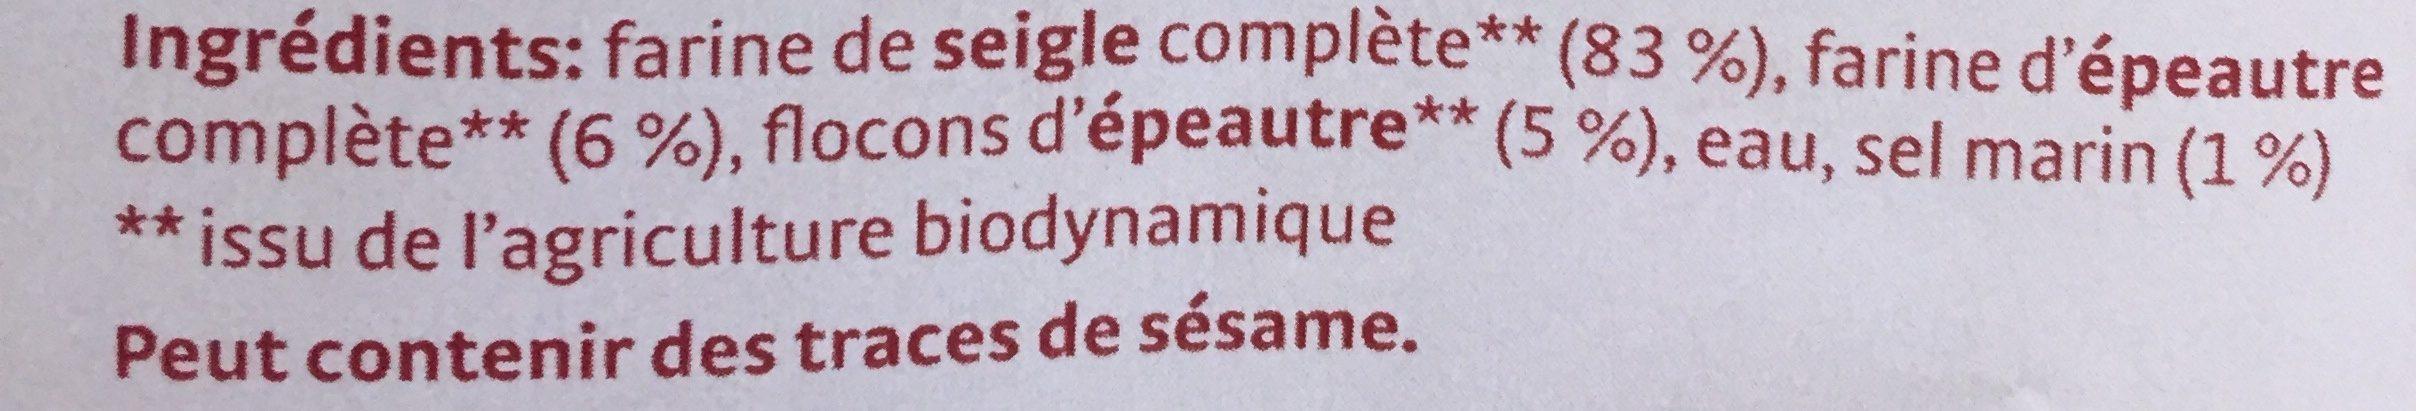 Knäcke à l'Épeautre - Ingrediënten - fr